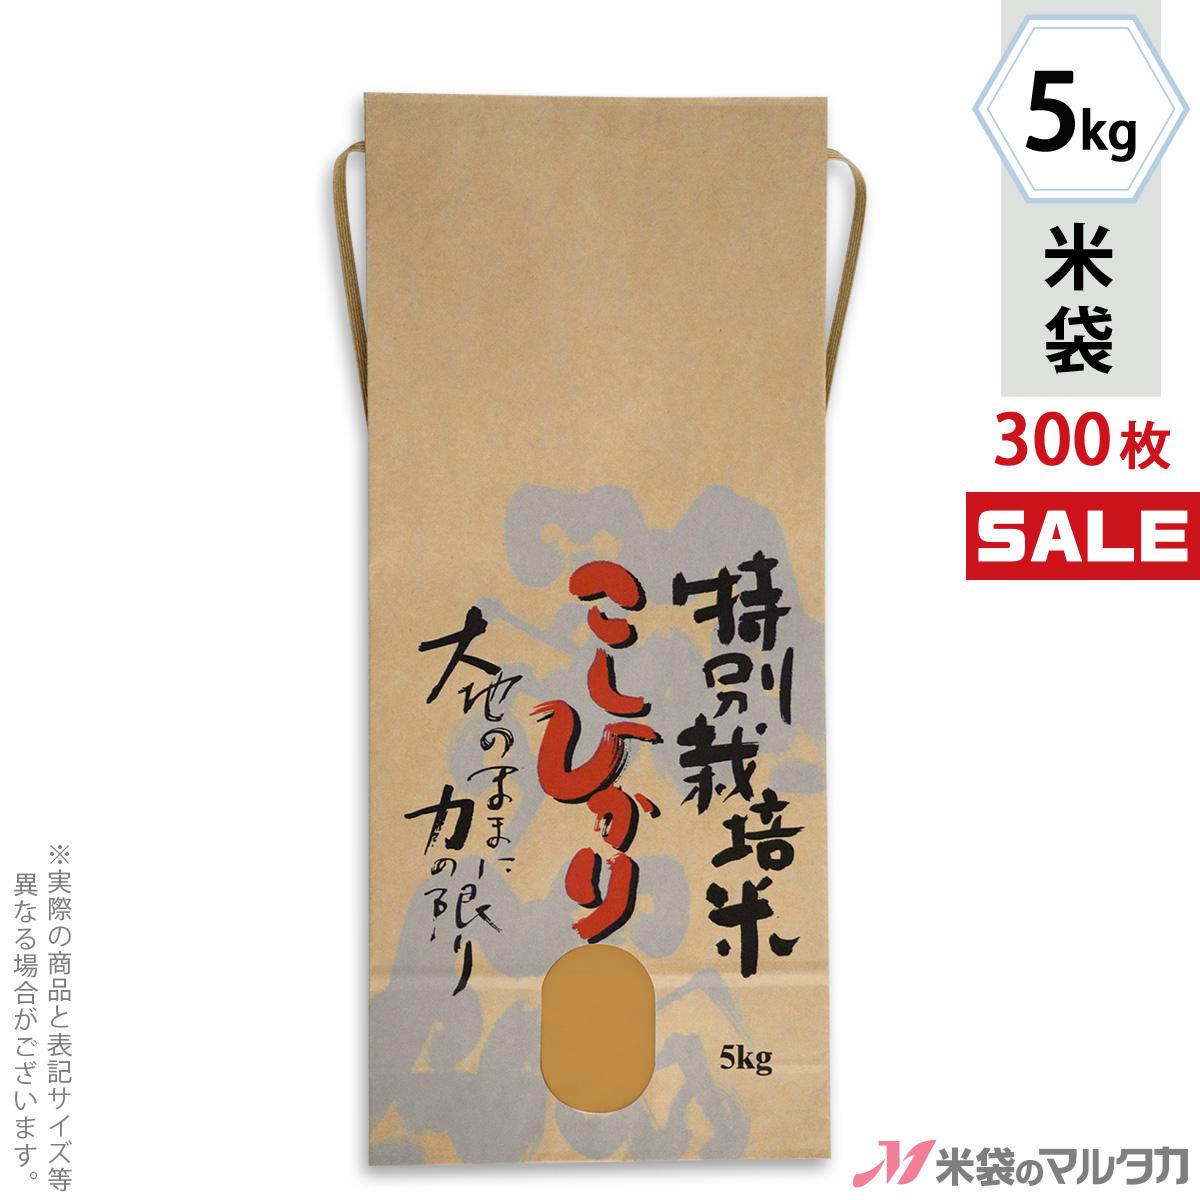 <キャンペーン対応>米袋 KH-0122 マルタカ クラフト 特別栽培米こしひかり 百山 窓付 角底 5kg用紐付 【米袋 5kg】【1ケース(300枚入)】